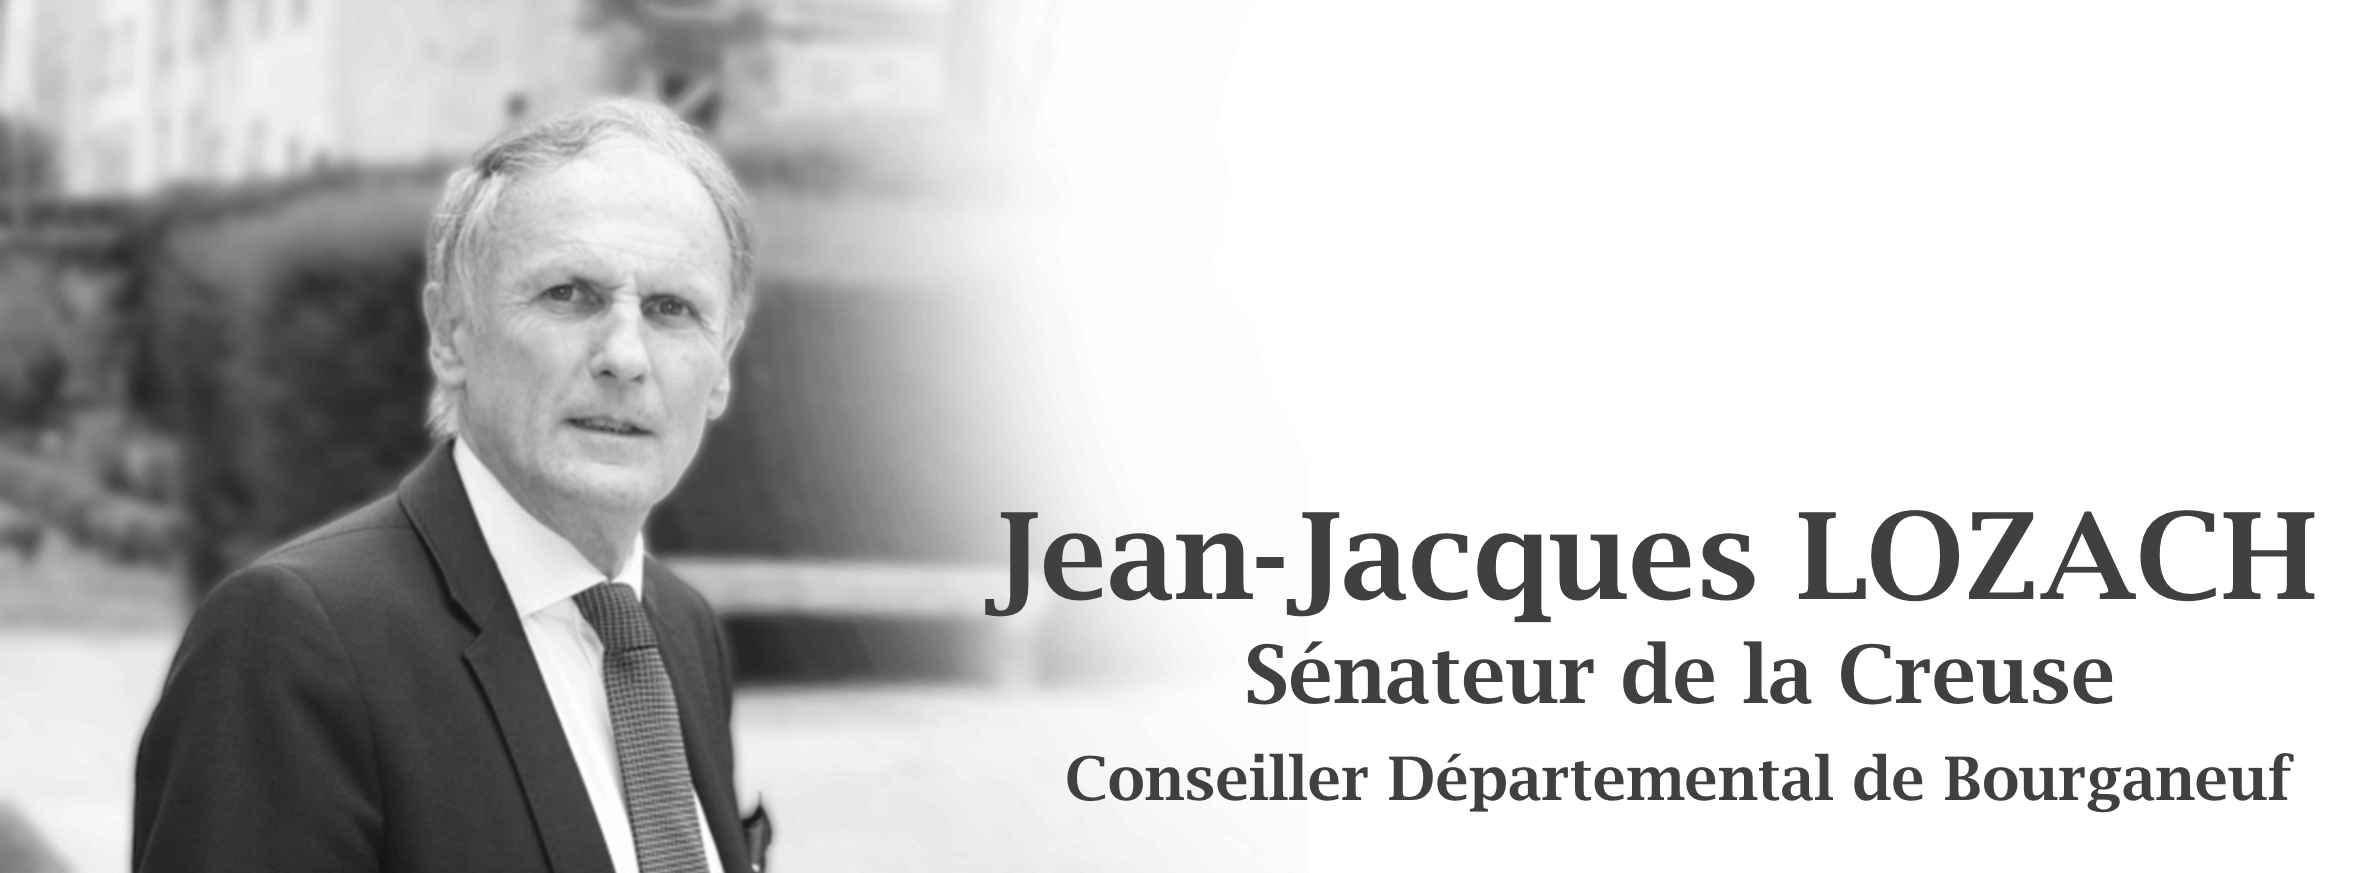 Sénateur de la Creuse